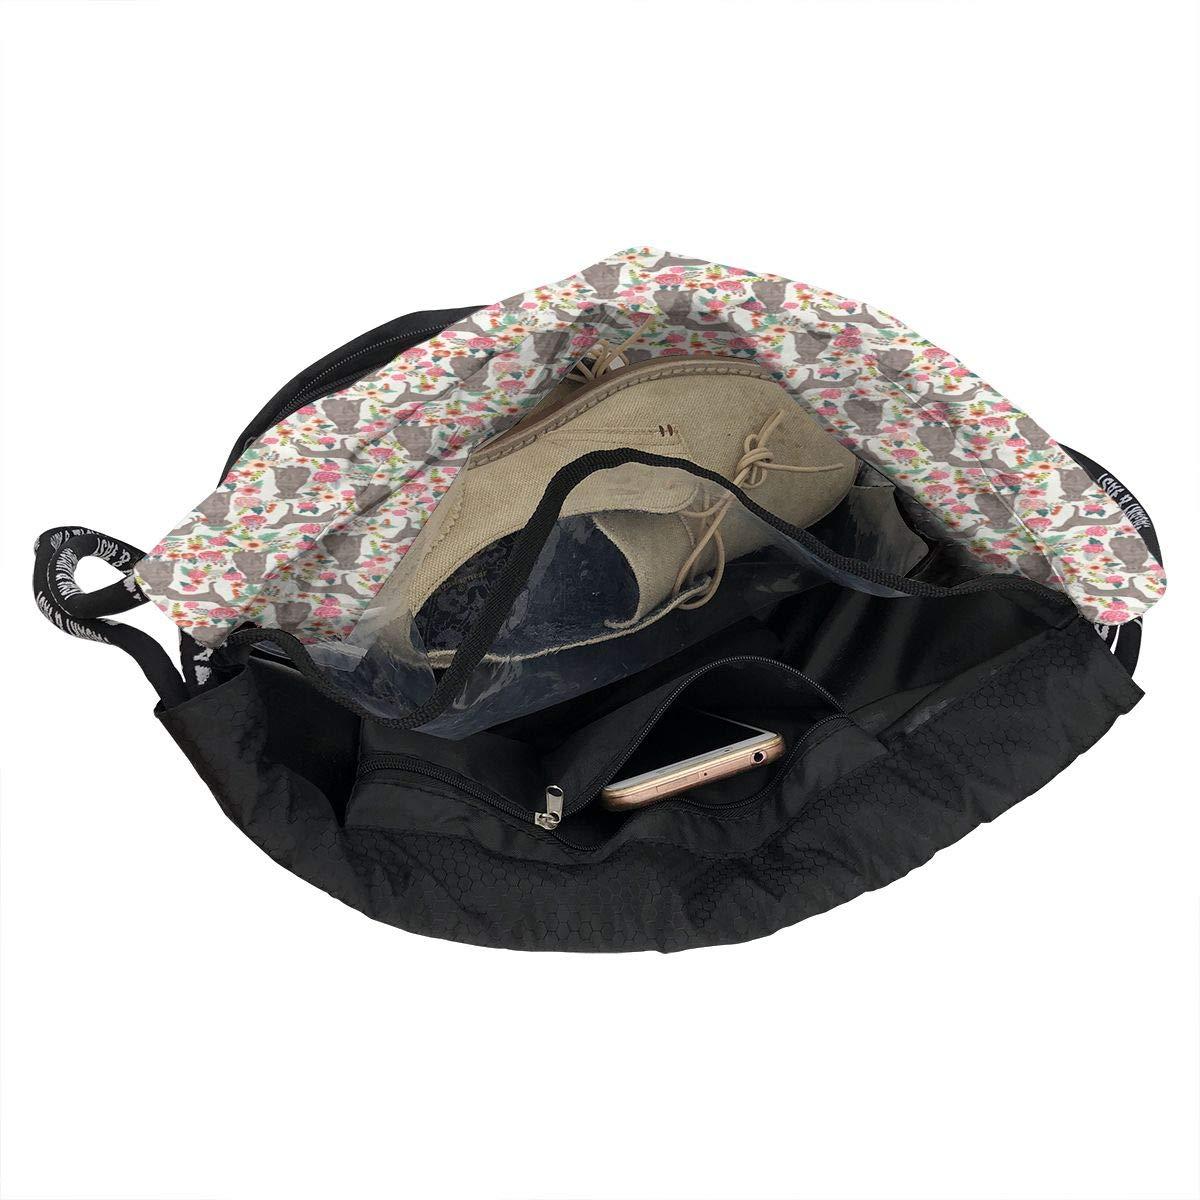 HUOPR5Q Ballet Dancer Drawstring Backpack Sport Gym Sack Shoulder Bulk Bag Dance Bag for School Travel